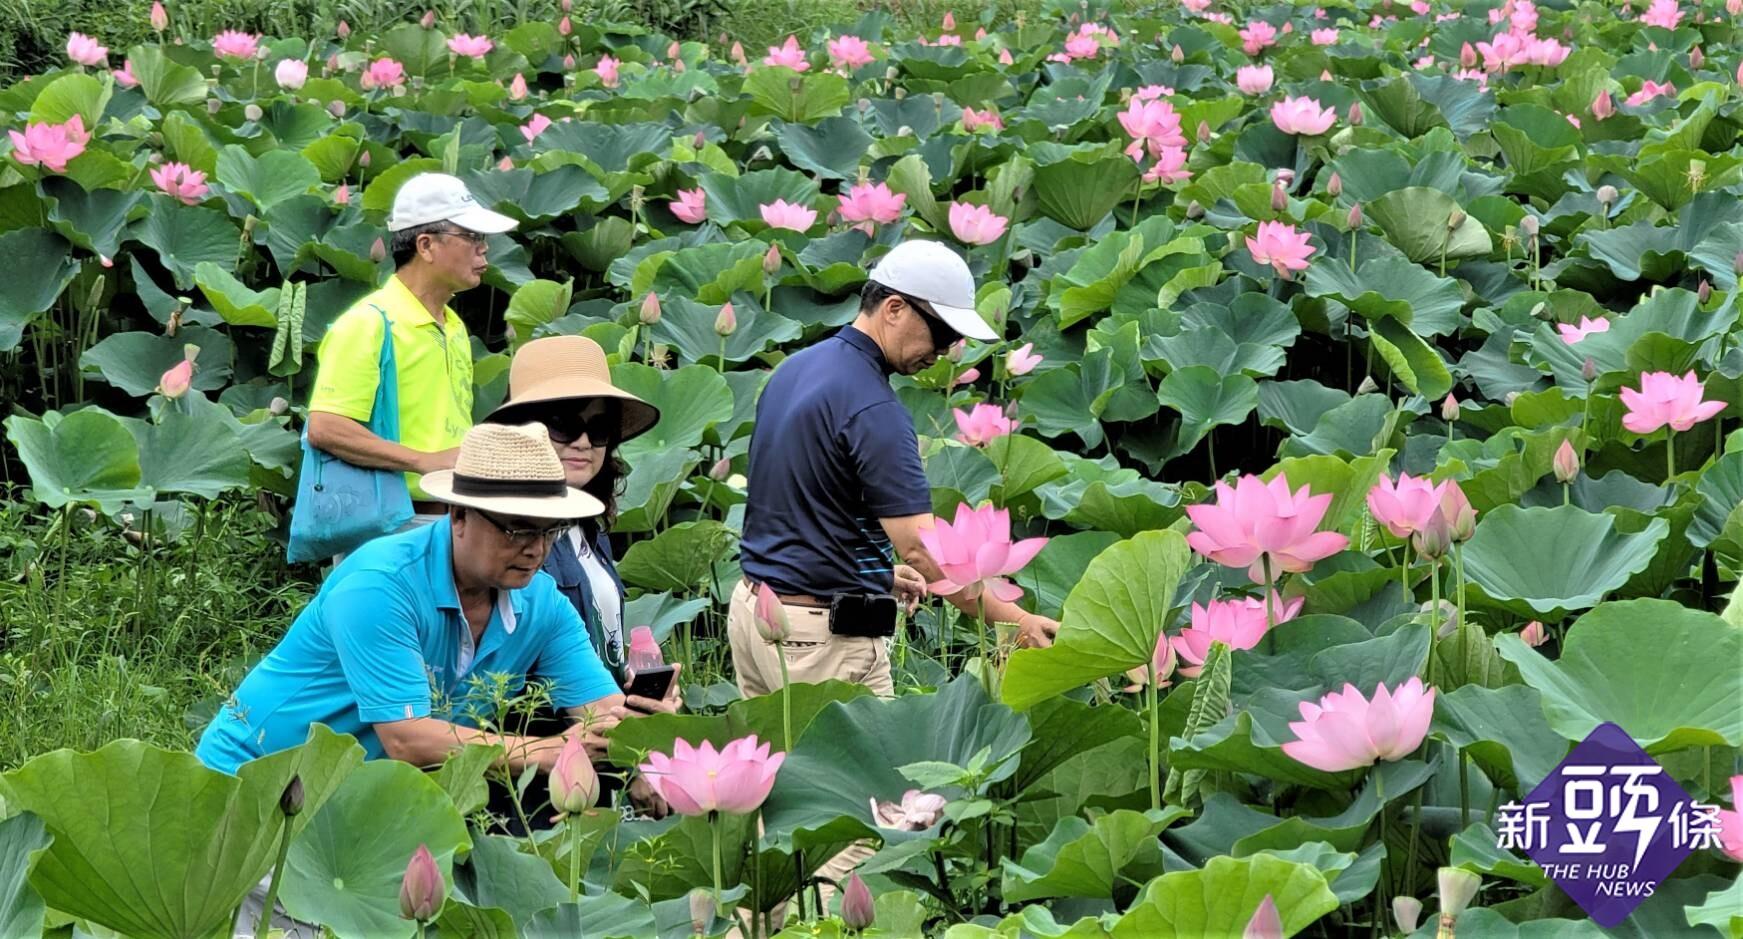 慢遊白河蓮花季 跨域農村體驗趣